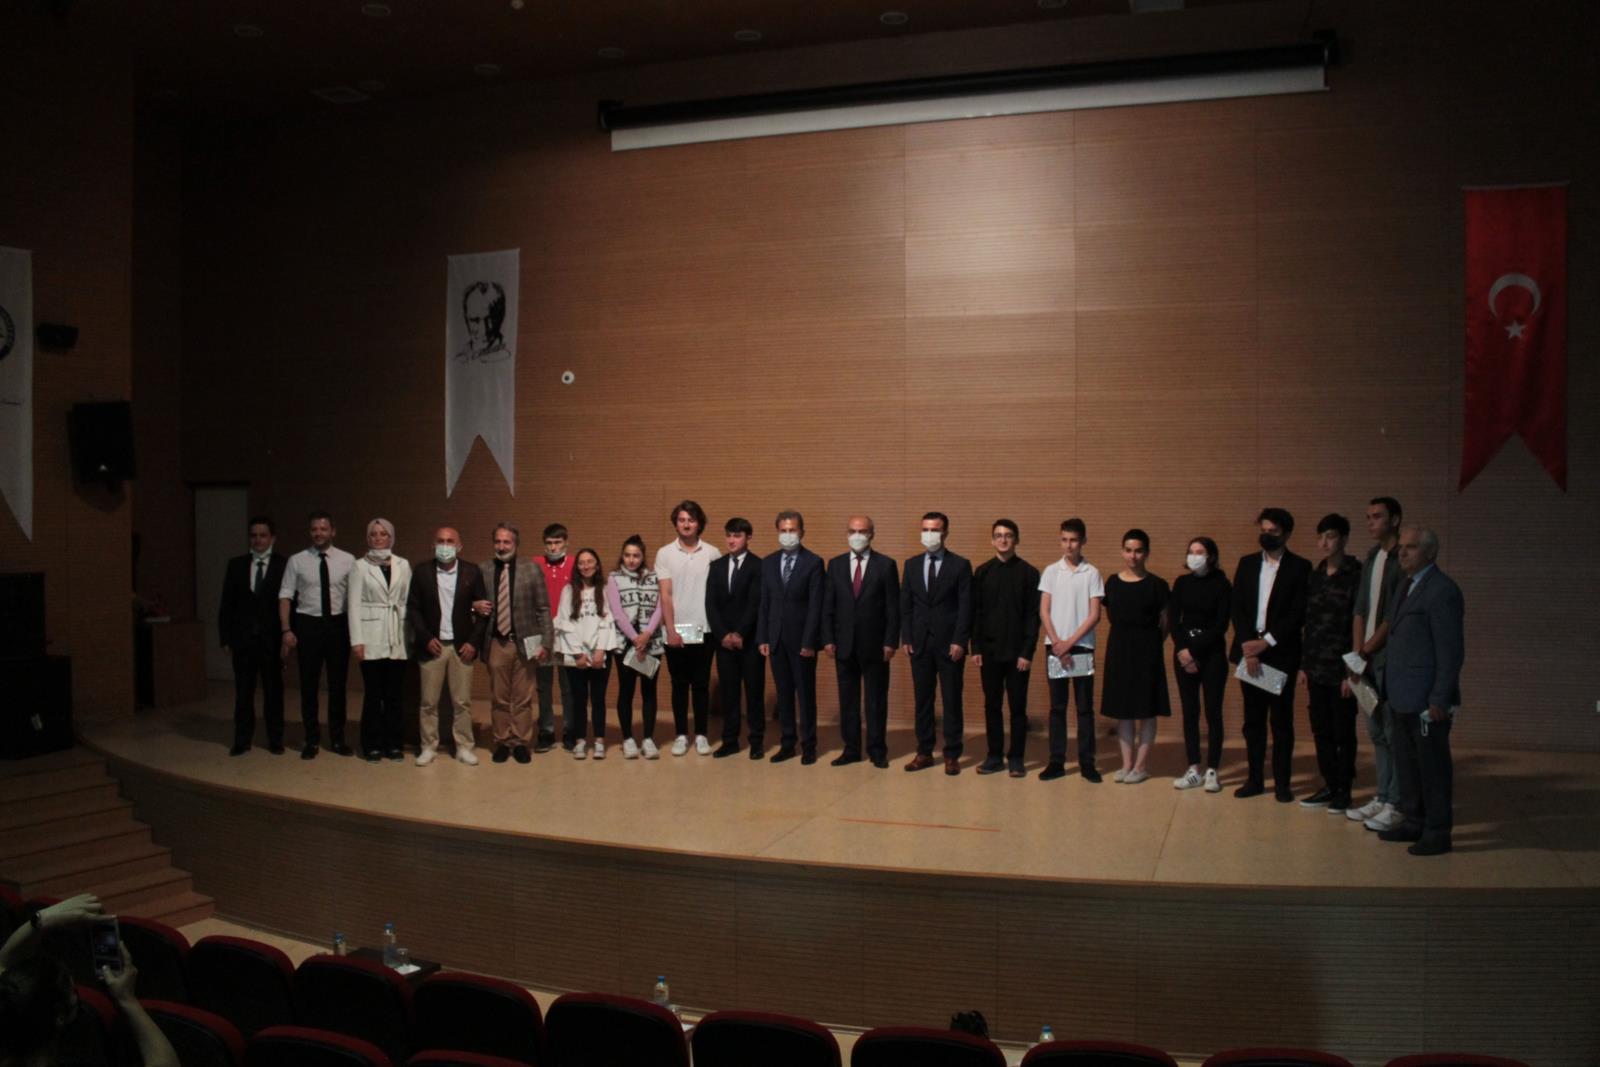 İletişim Fakültesinde 15 Temmuz Konulu Şiir Yarışması Düzenlendi